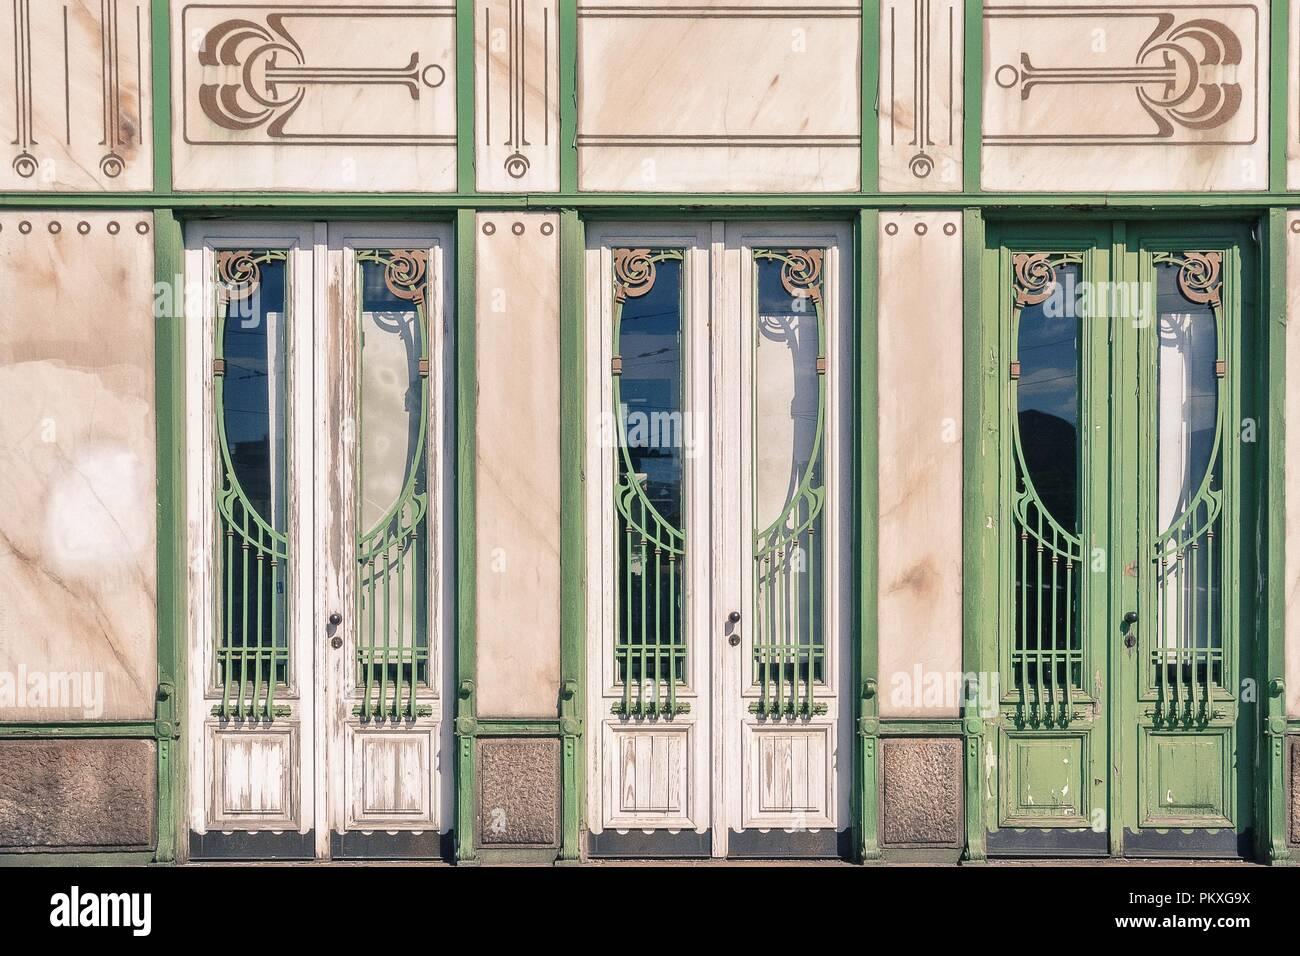 Wien ist die Hauptstadt und größte Stadt Österreichs, und einer der neun Staaten Österreich. Stockbild